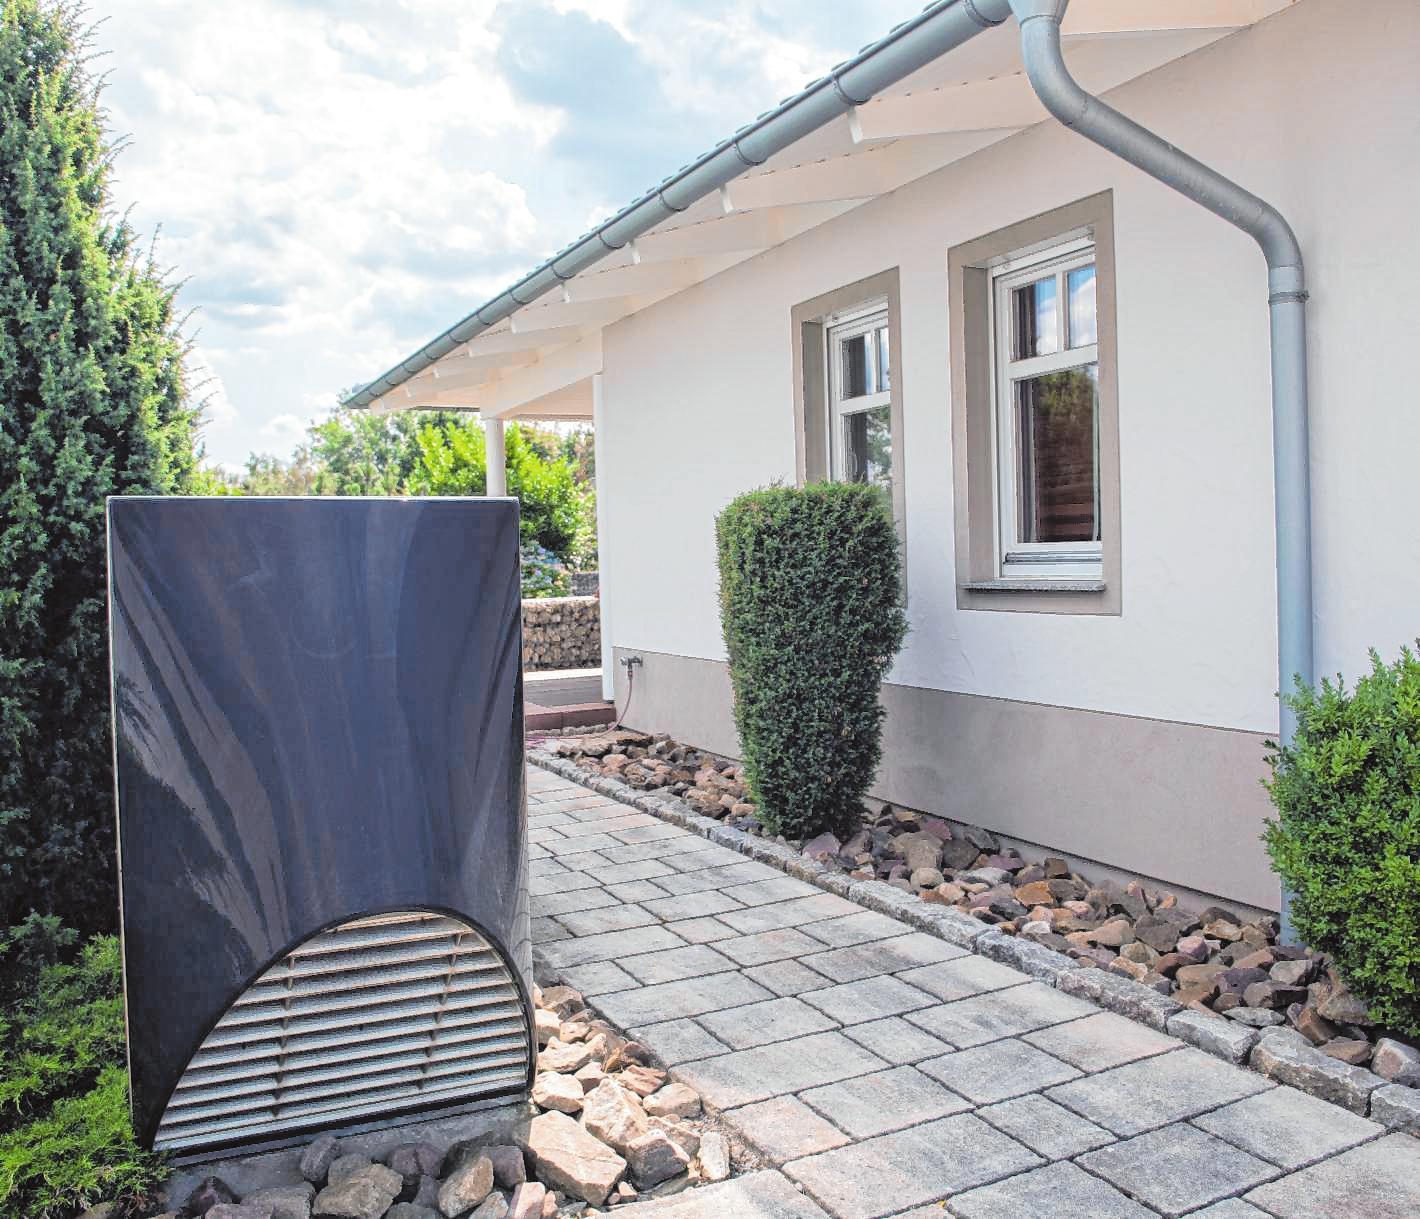 Auch bei der Wärmeversorgung können Bauherren klimafreundlich agieren und zum Beispiel auf Heizungen mit Wärmepumpentechnik zurückgreifen.